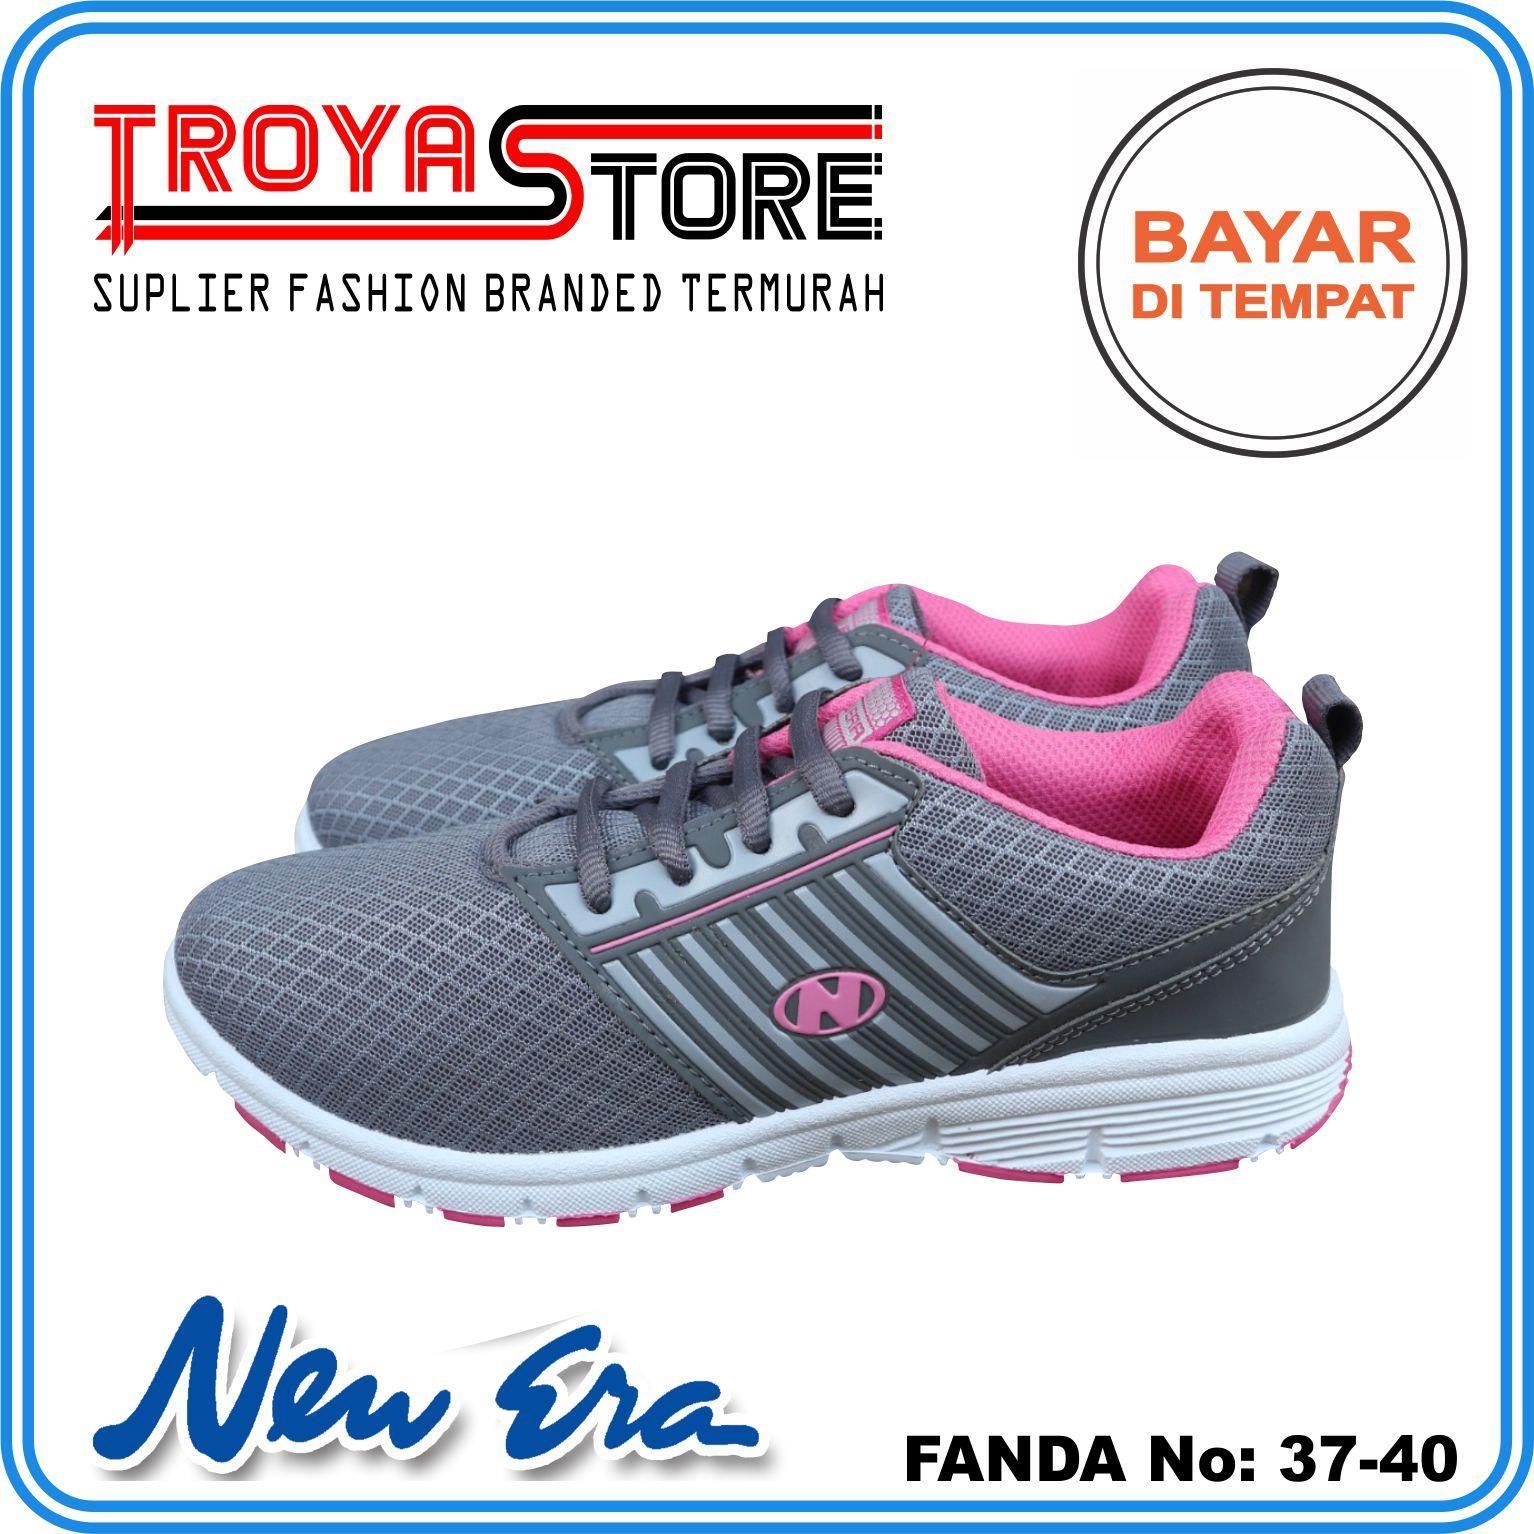 TROYASTORE - NEW ERA Sepatu Wanita Murah FANDA Original   Sepatu Sport  Wanita Abu Hijau Merah 87daa8f2d2